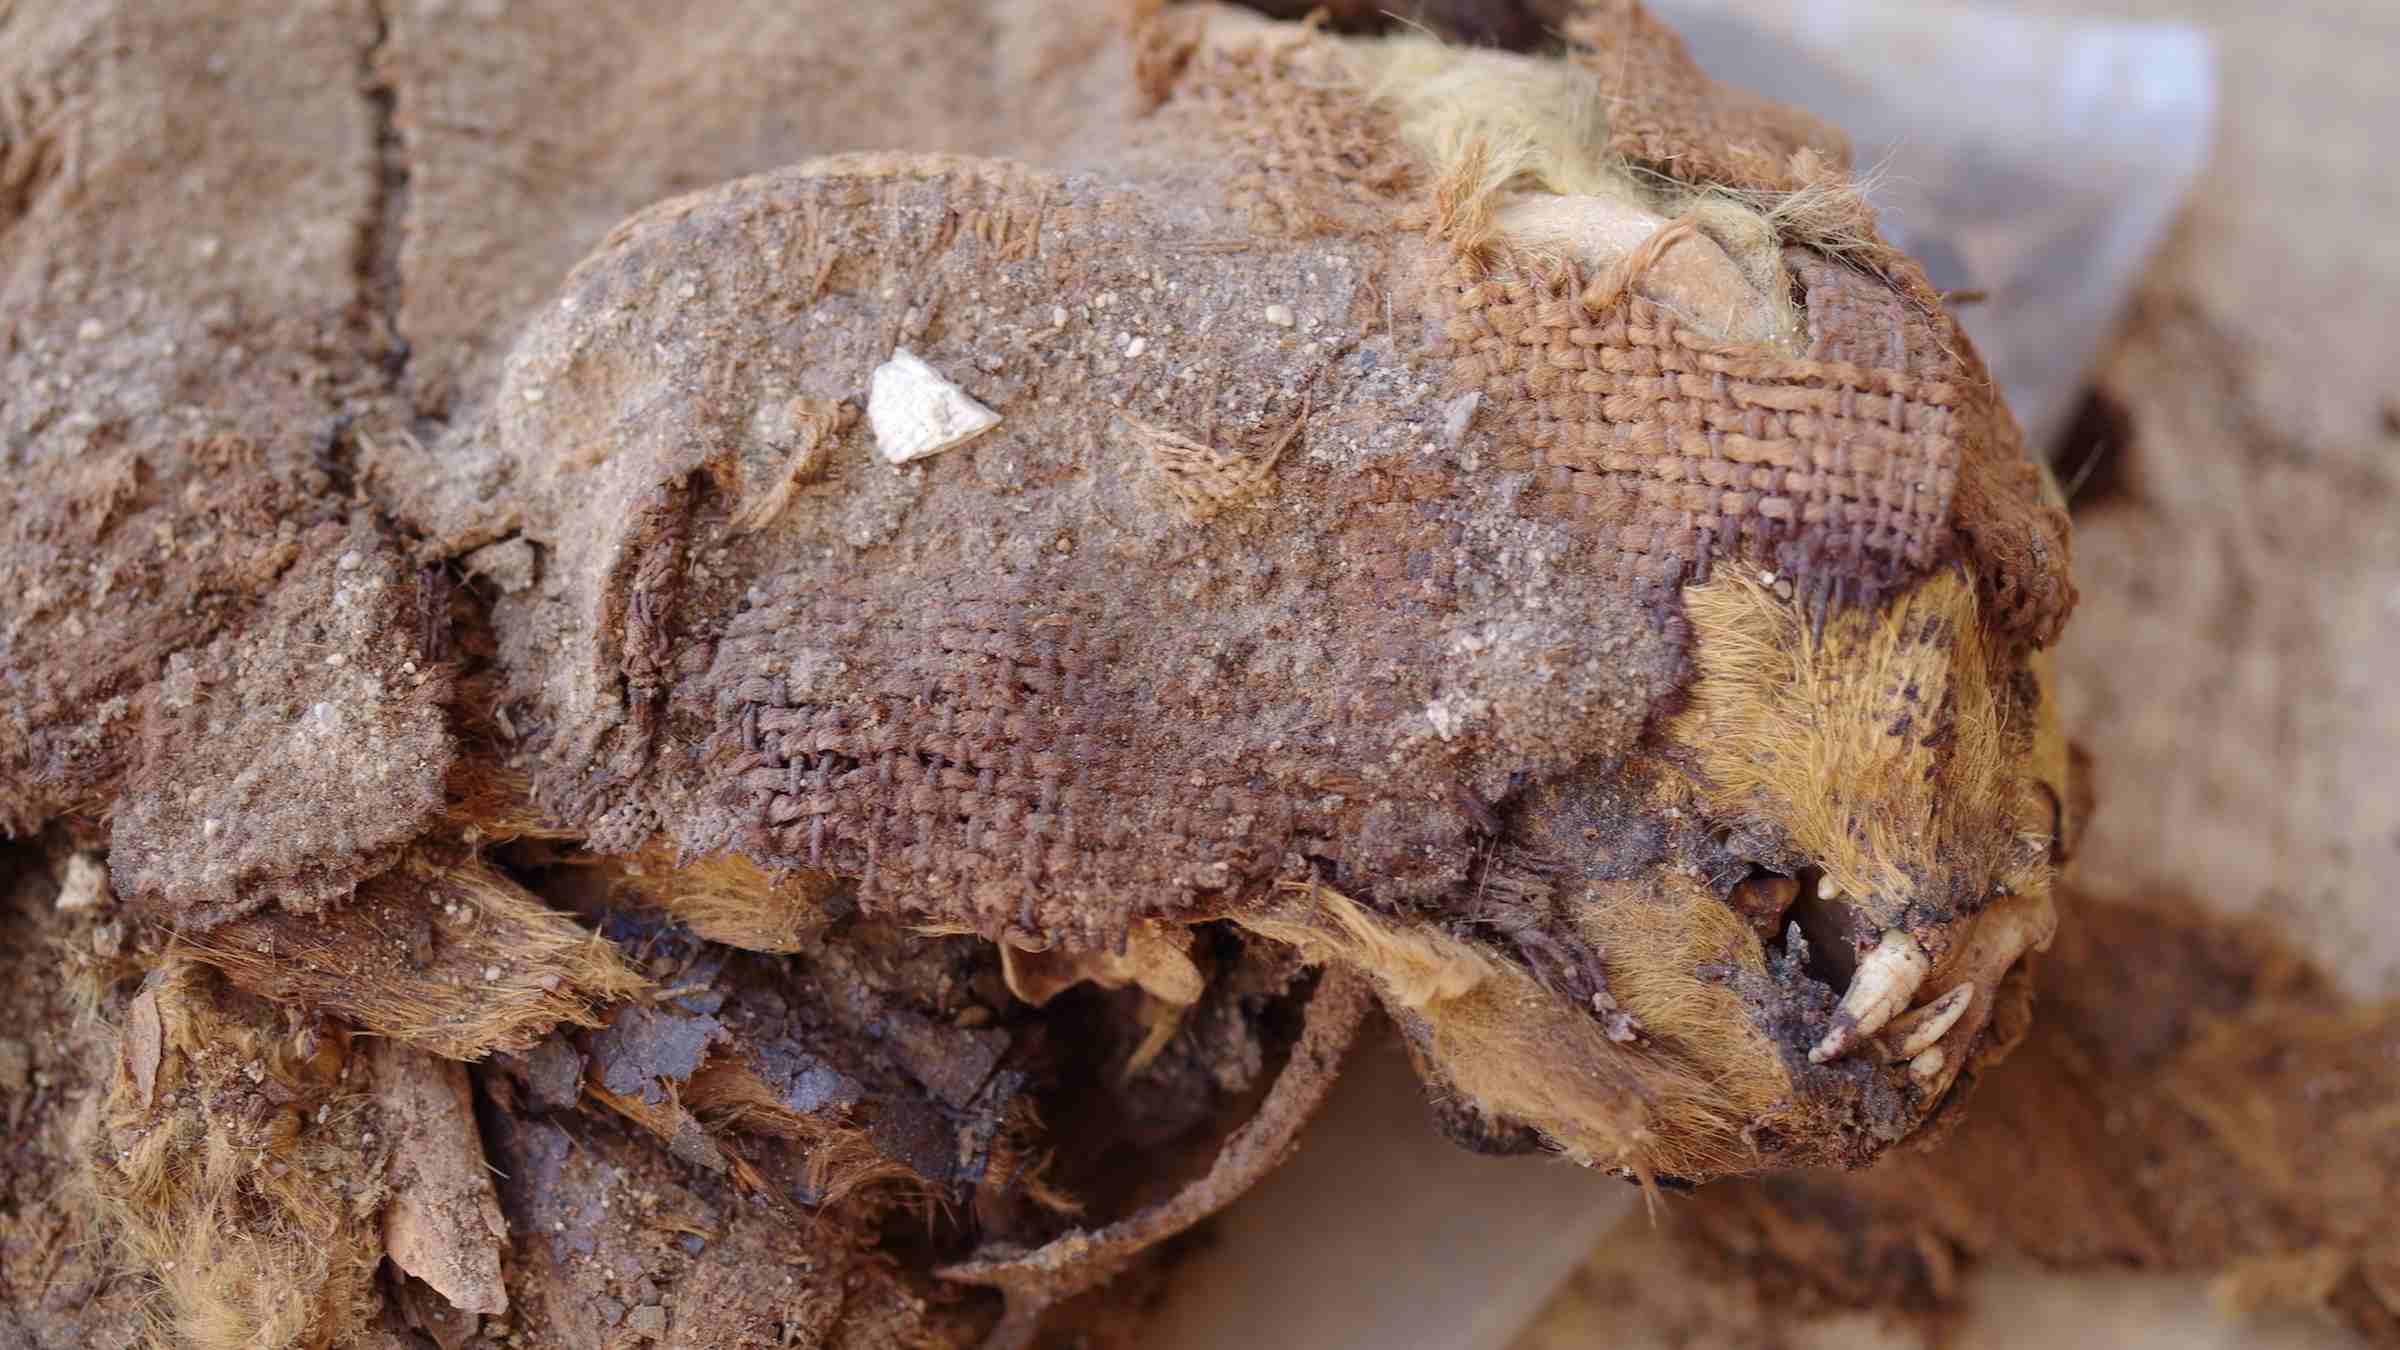 Η ξηρή αιγυπτιακή έρημος συντήρησε τα ερείπια αυτής της γάτας θαμμένη σε κουβέρτα